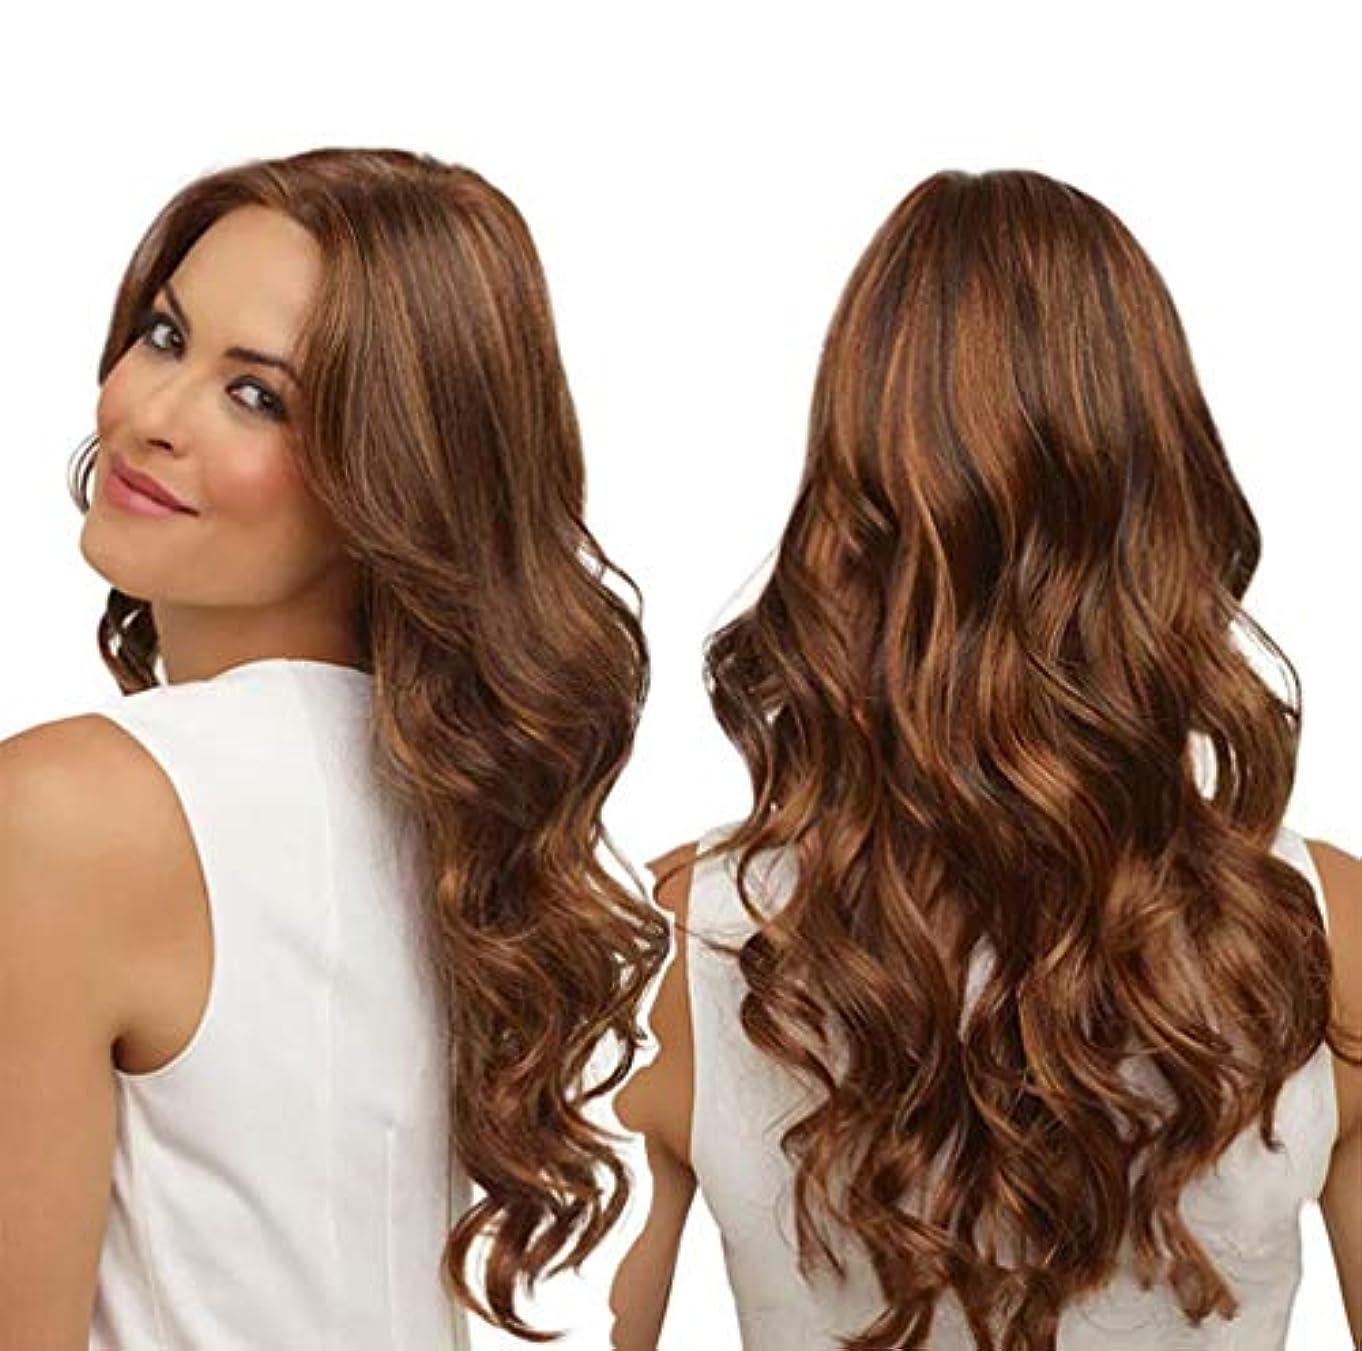 バイオレット旋律的引く女性かつら150%密度耐熱合成繊維人毛水波かつらベビー髪かつら65センチ